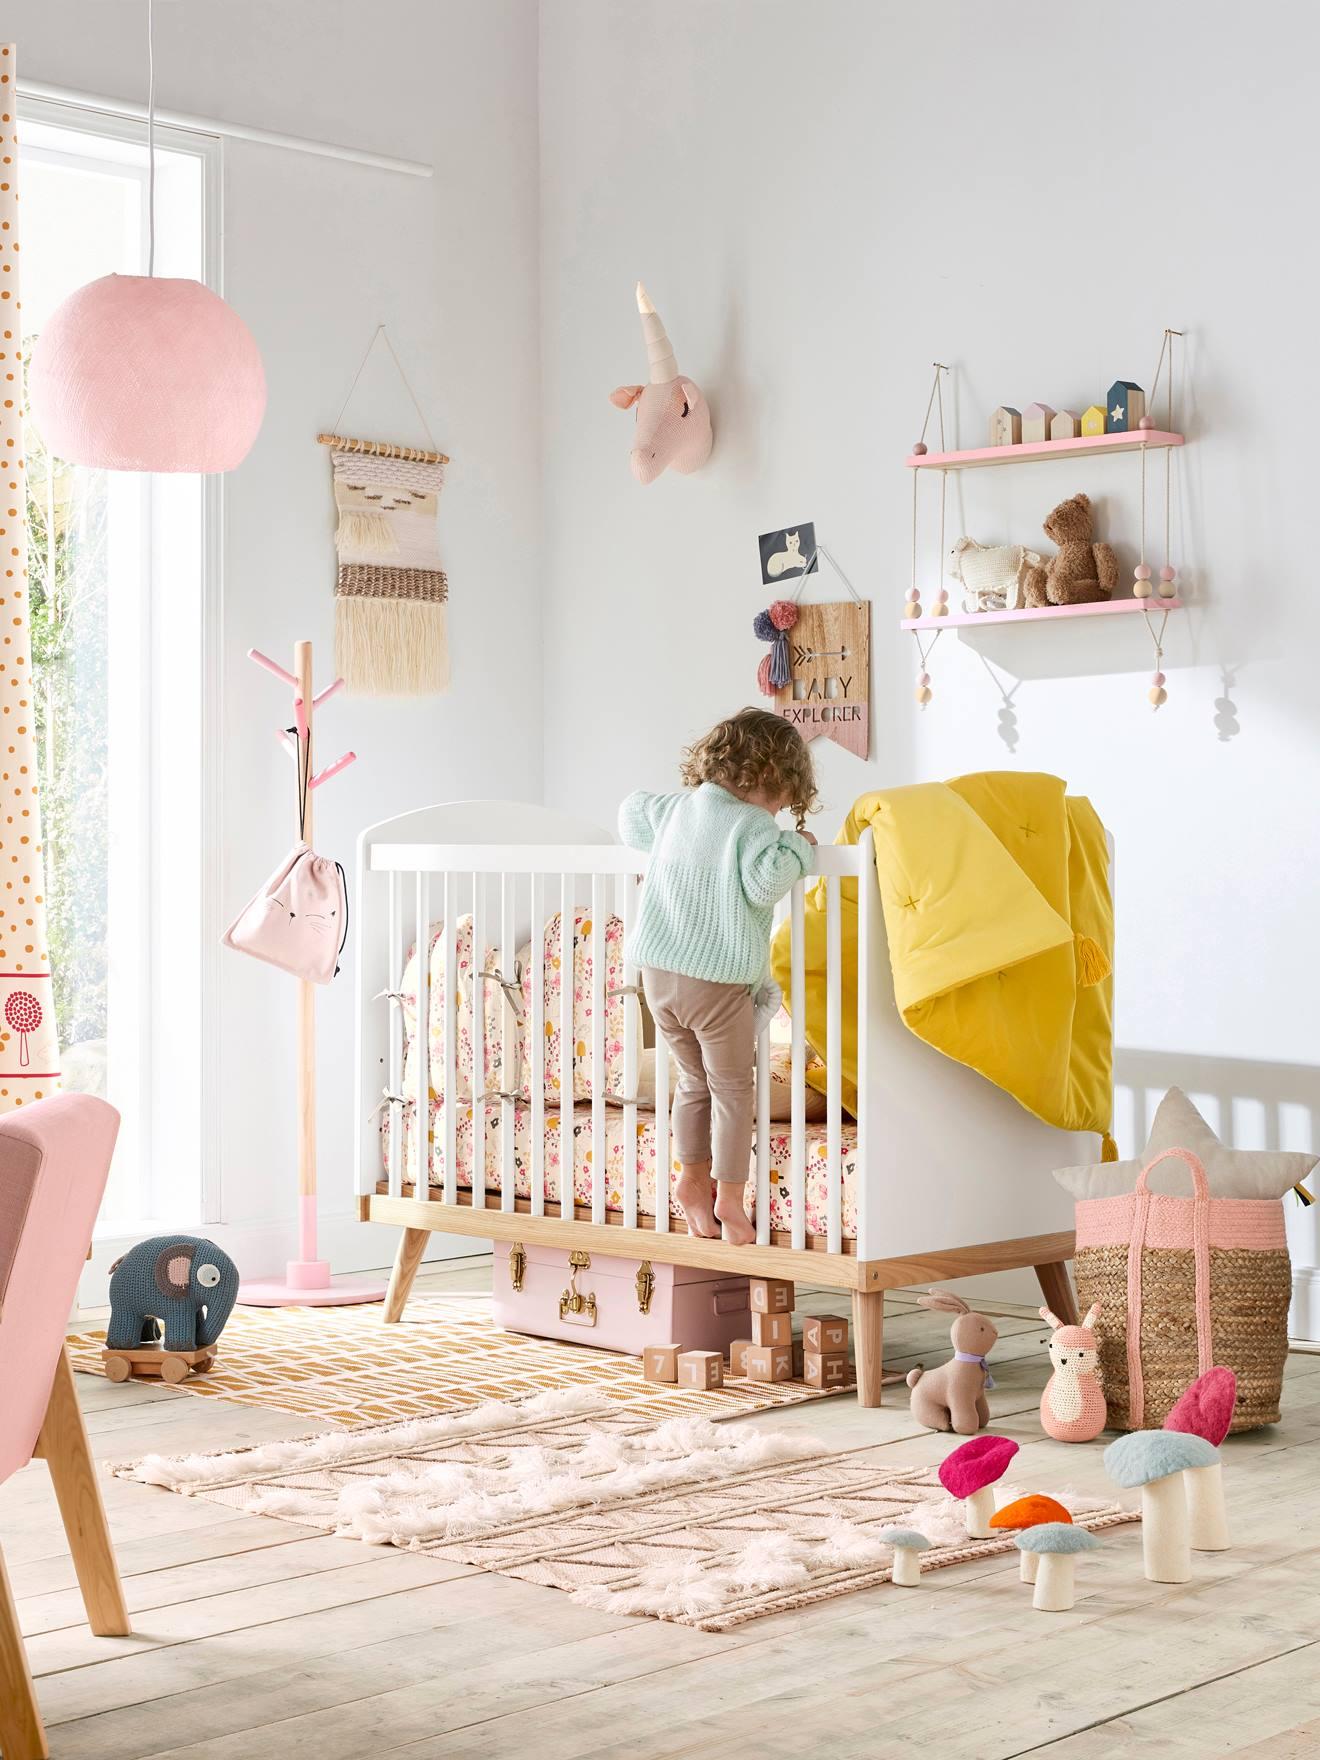 Kinderzimmer Deko Wimpel, Holz Natur/rosa